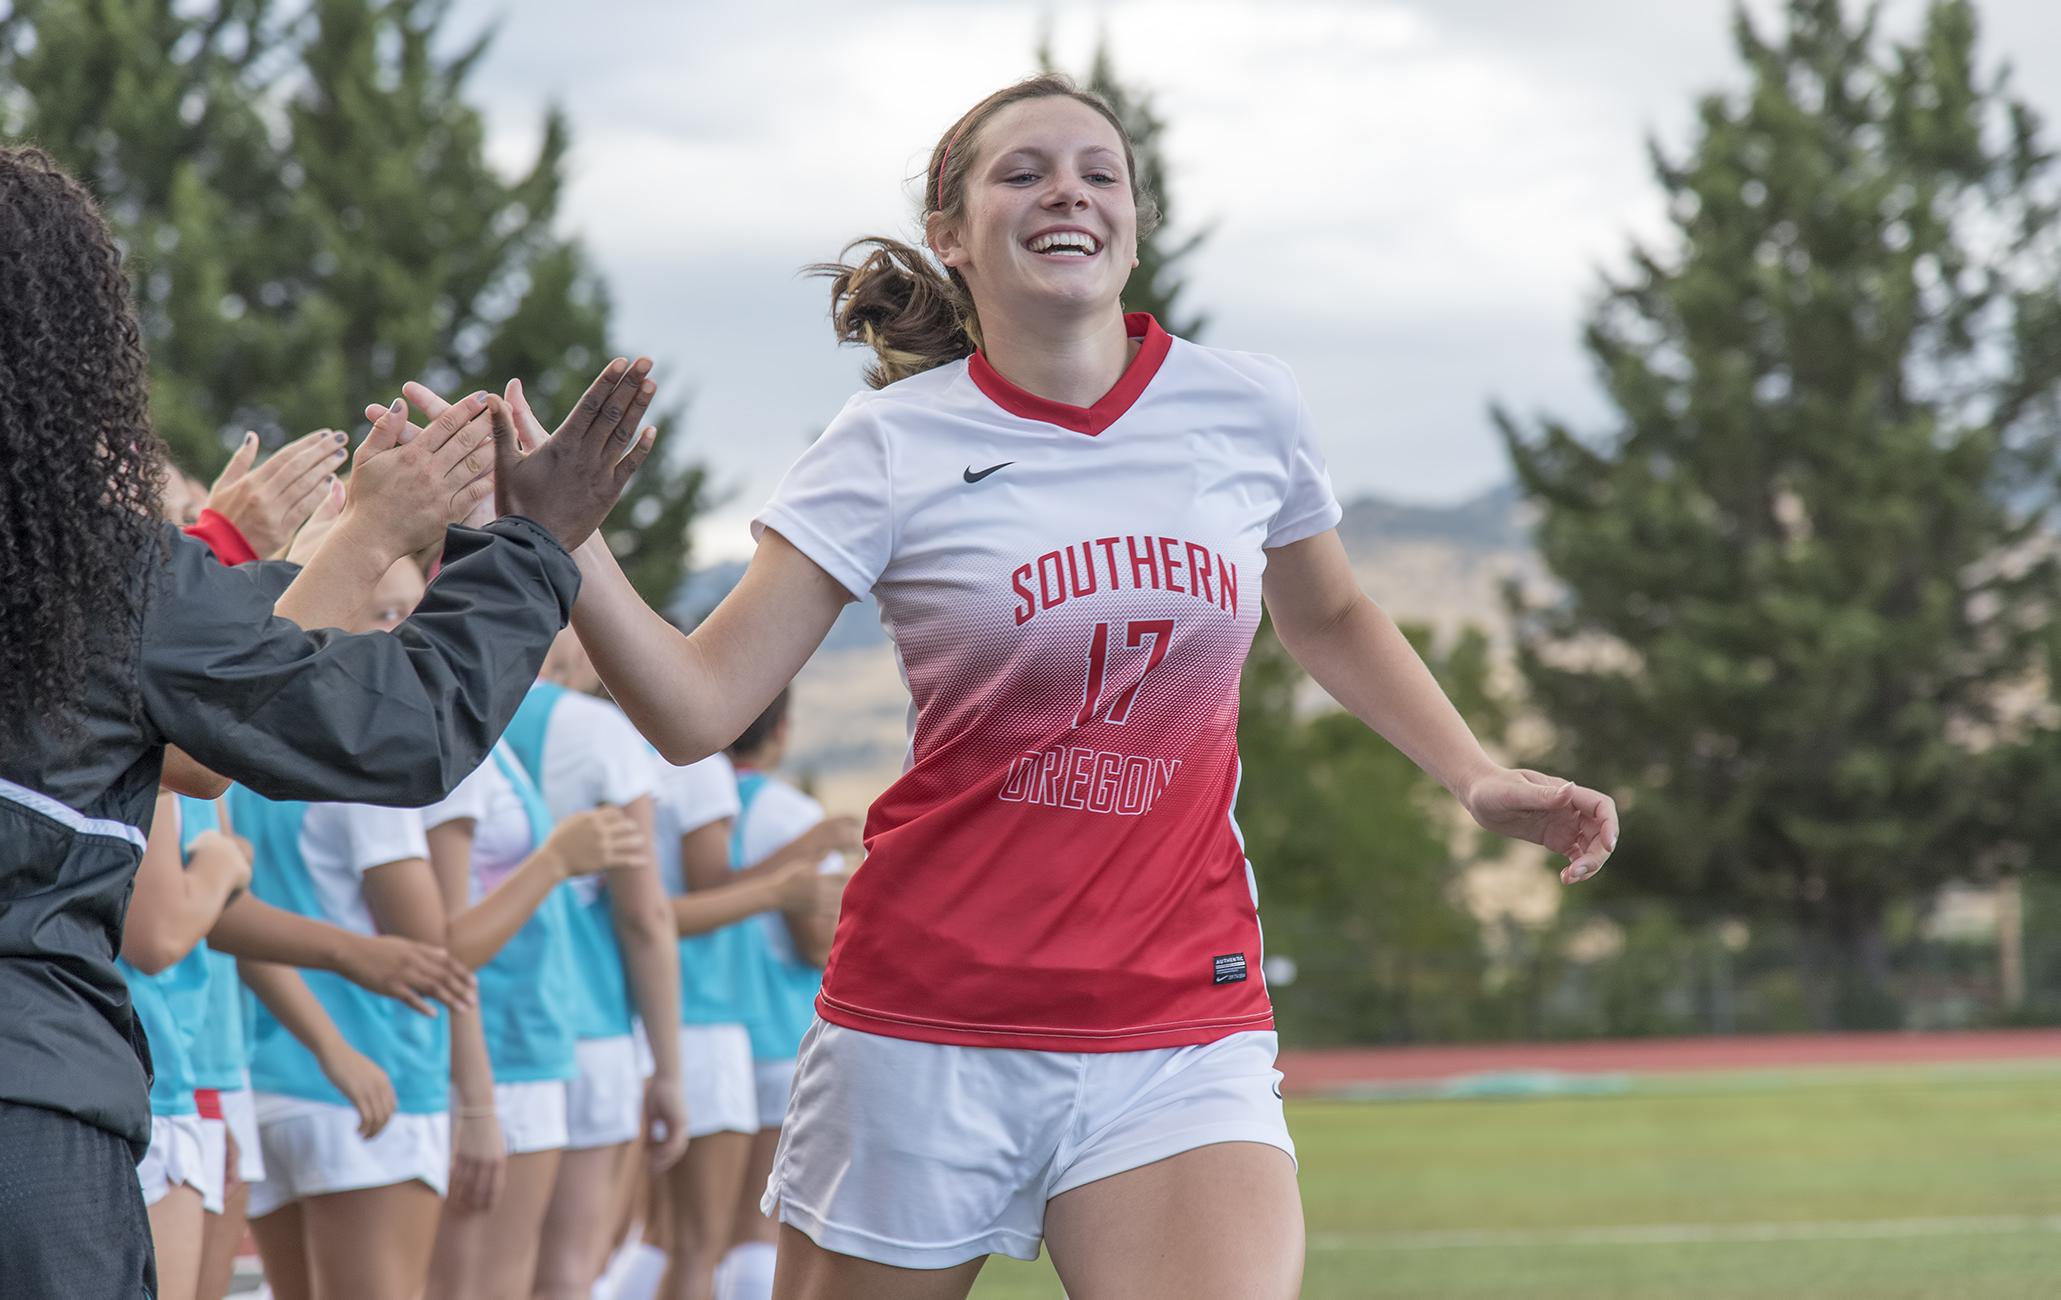 SOU women's soccer Avery Dutton